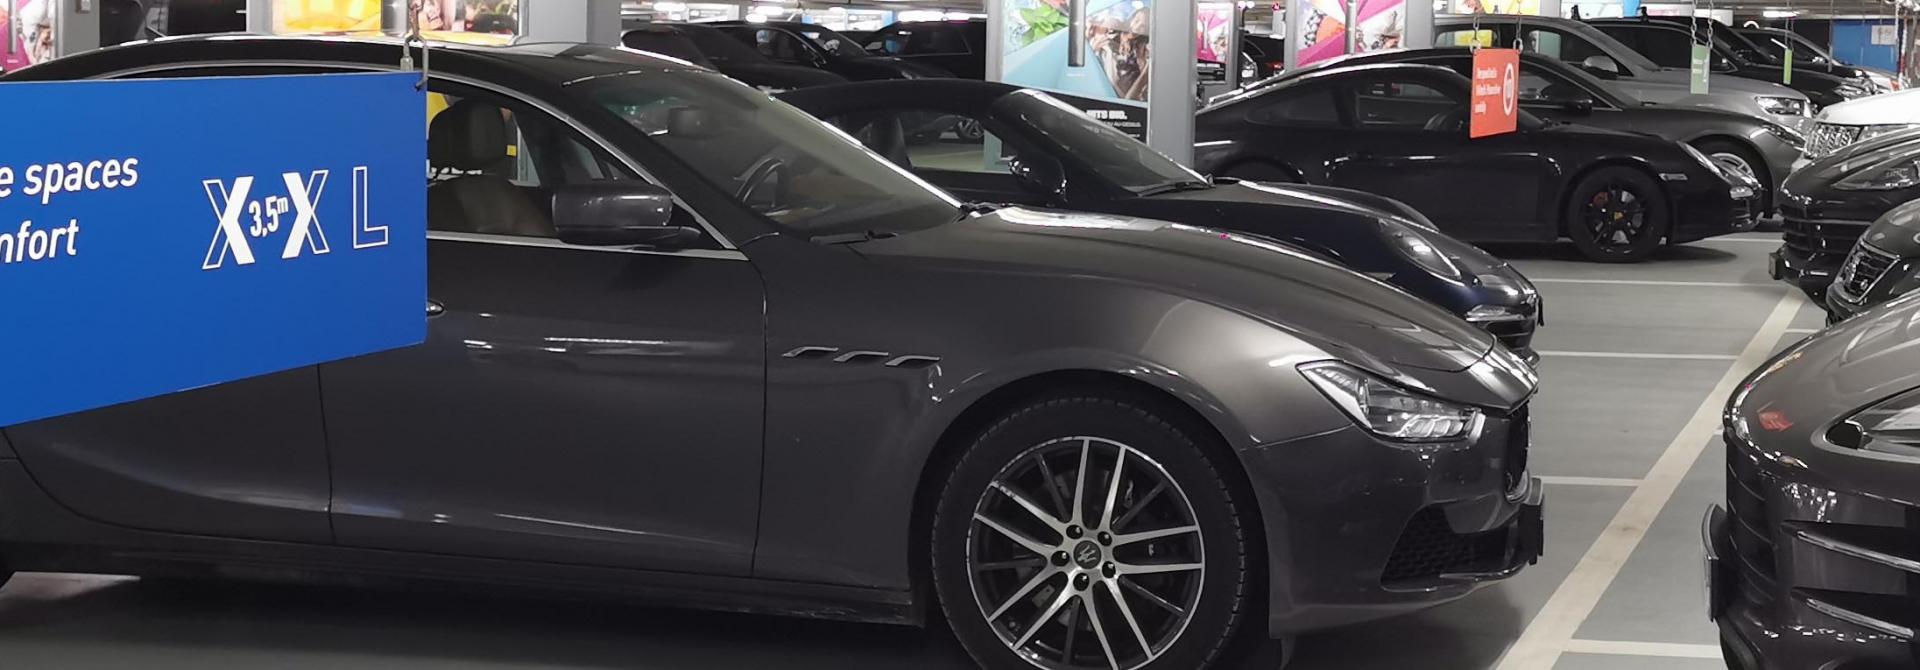 Profitez de nos offres packages XXL au Parking du Mont-Blanc